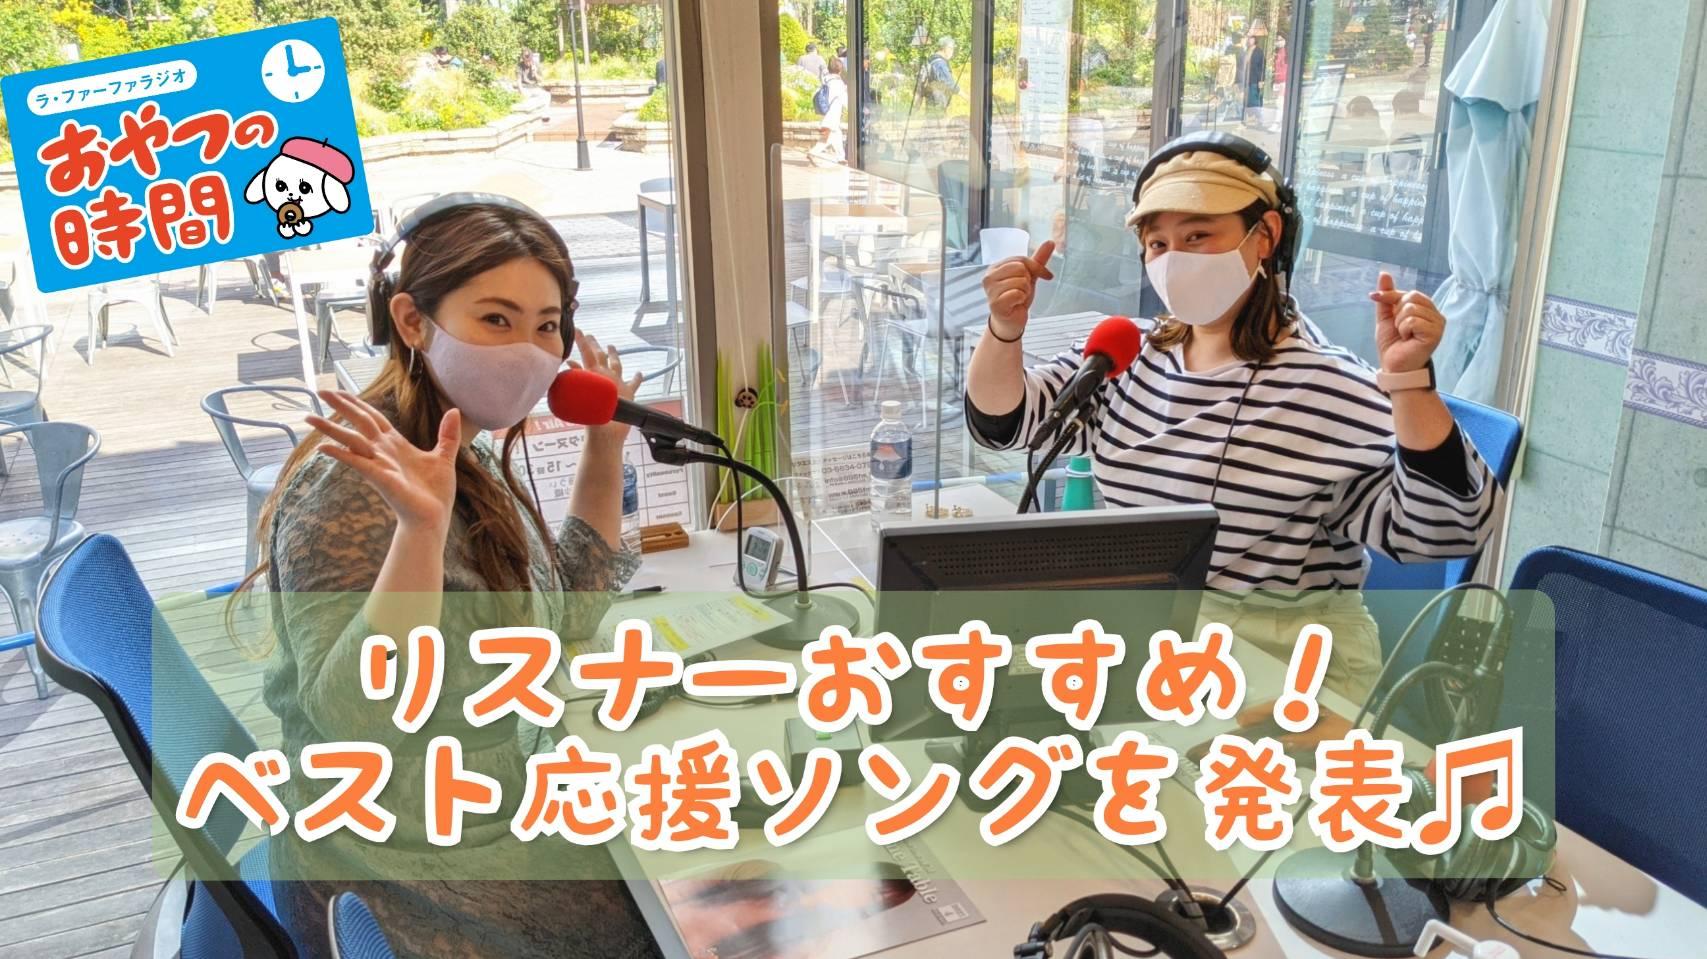 【動画公開】『ラファーファラジオ おやつの時間』#7(4/11放送分)